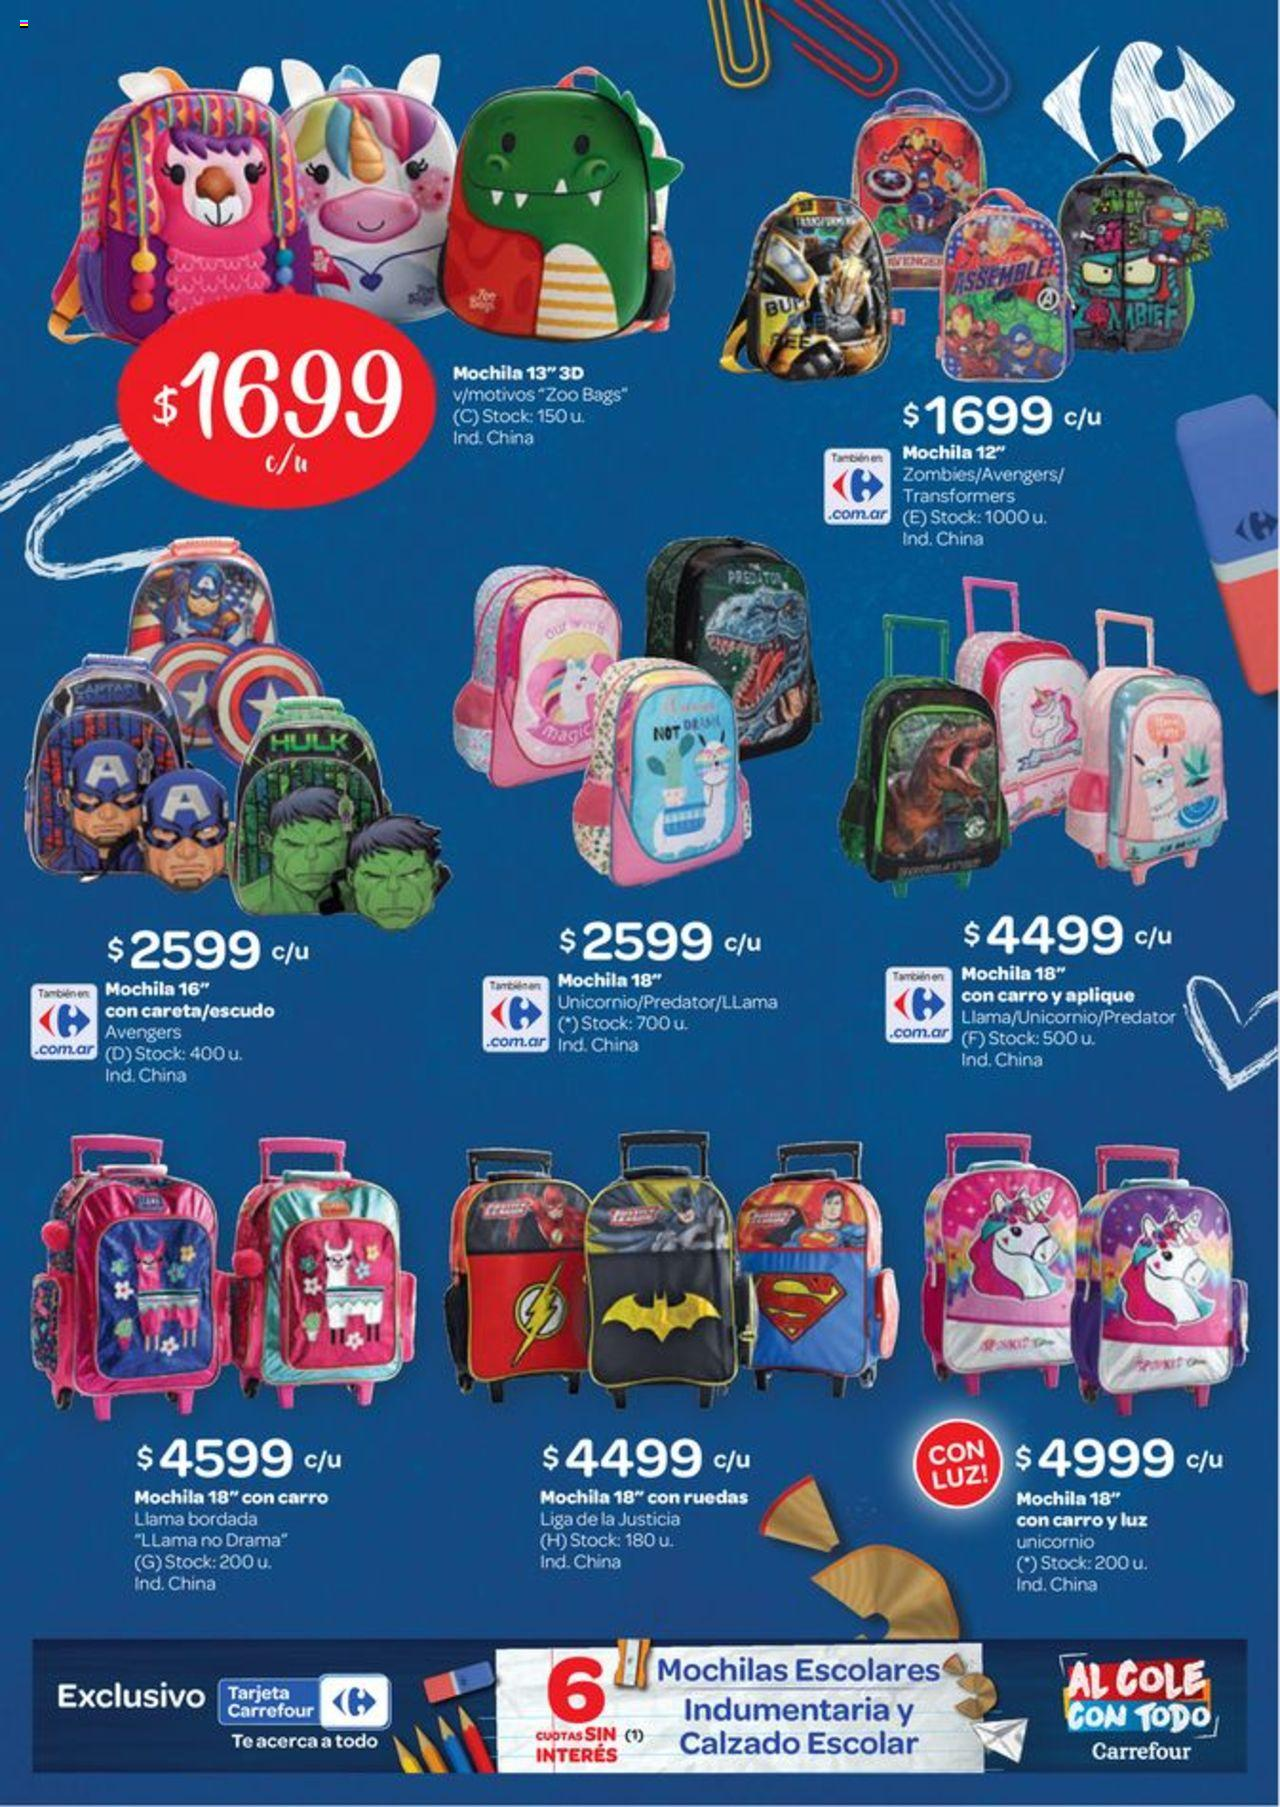 Carrefour Oferta válido desde el 13/02/2020 número de página 1 | Página: 15